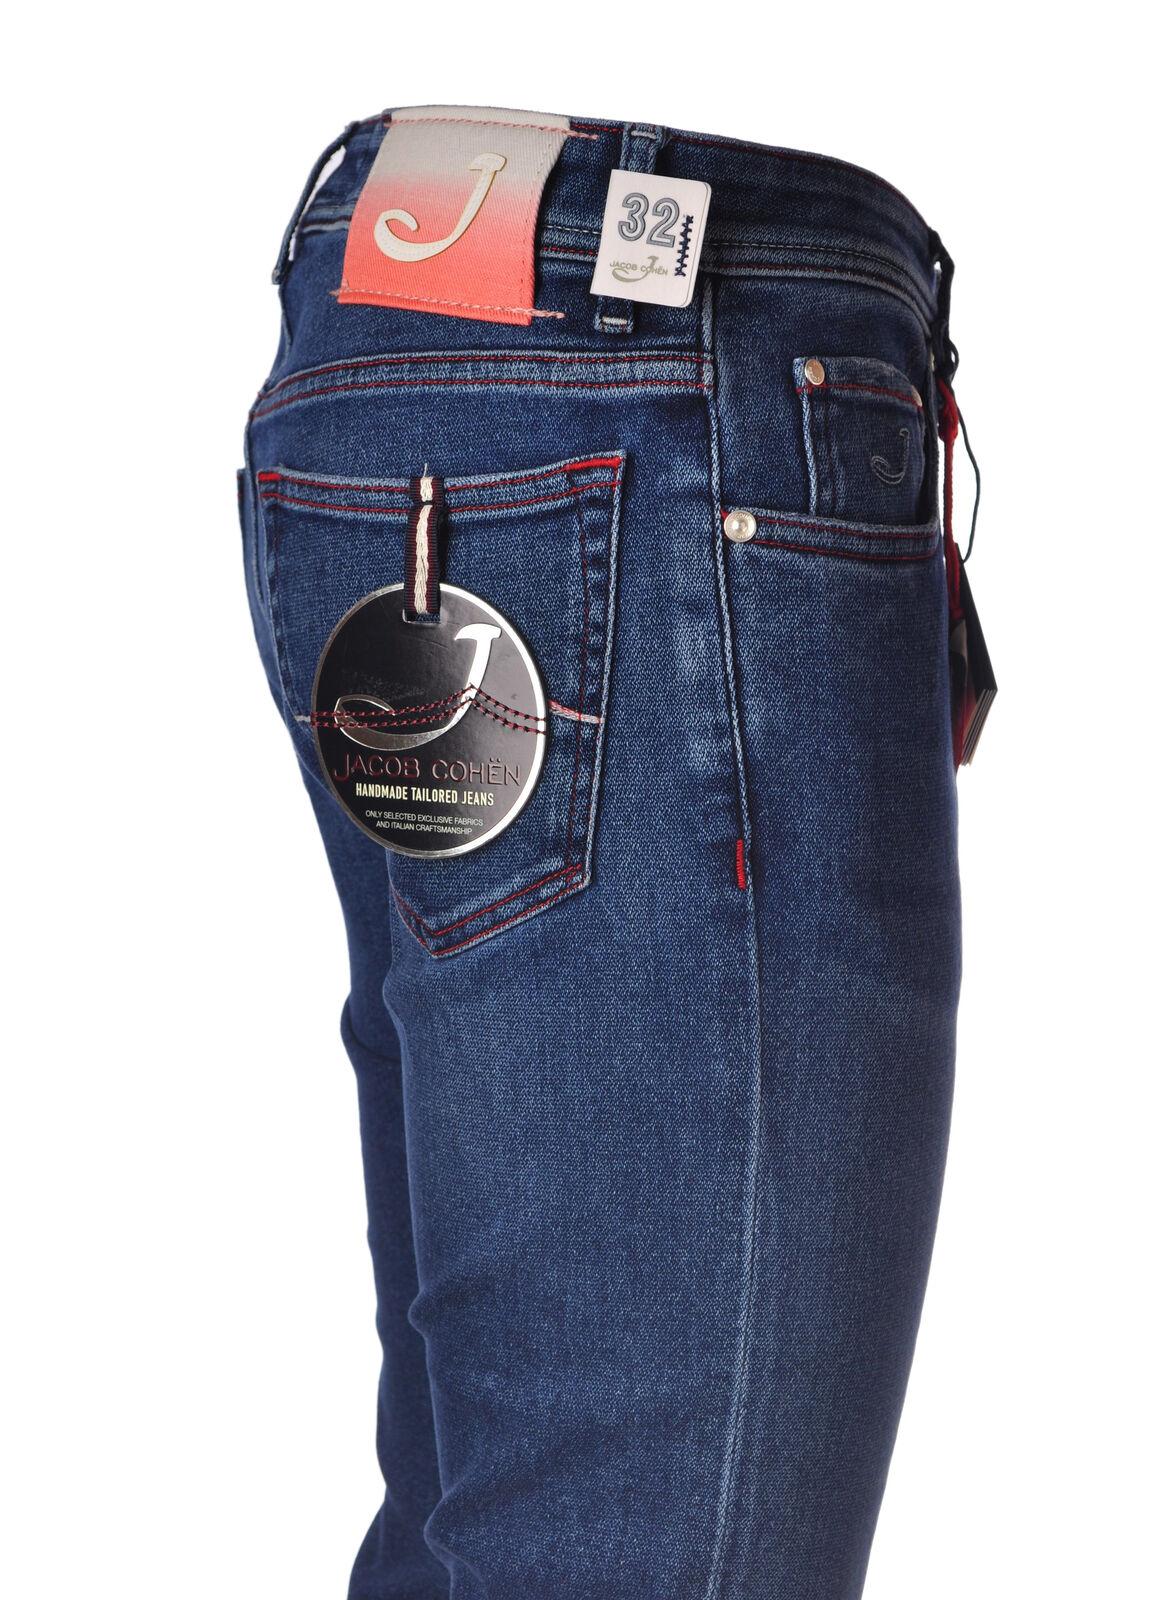 Jacob Cohen - Jeans-Pantaloni - - Jeans-Pantaloni Uomo - Denim -  4902905M184134 5eae4c cfb2a9f6c78b